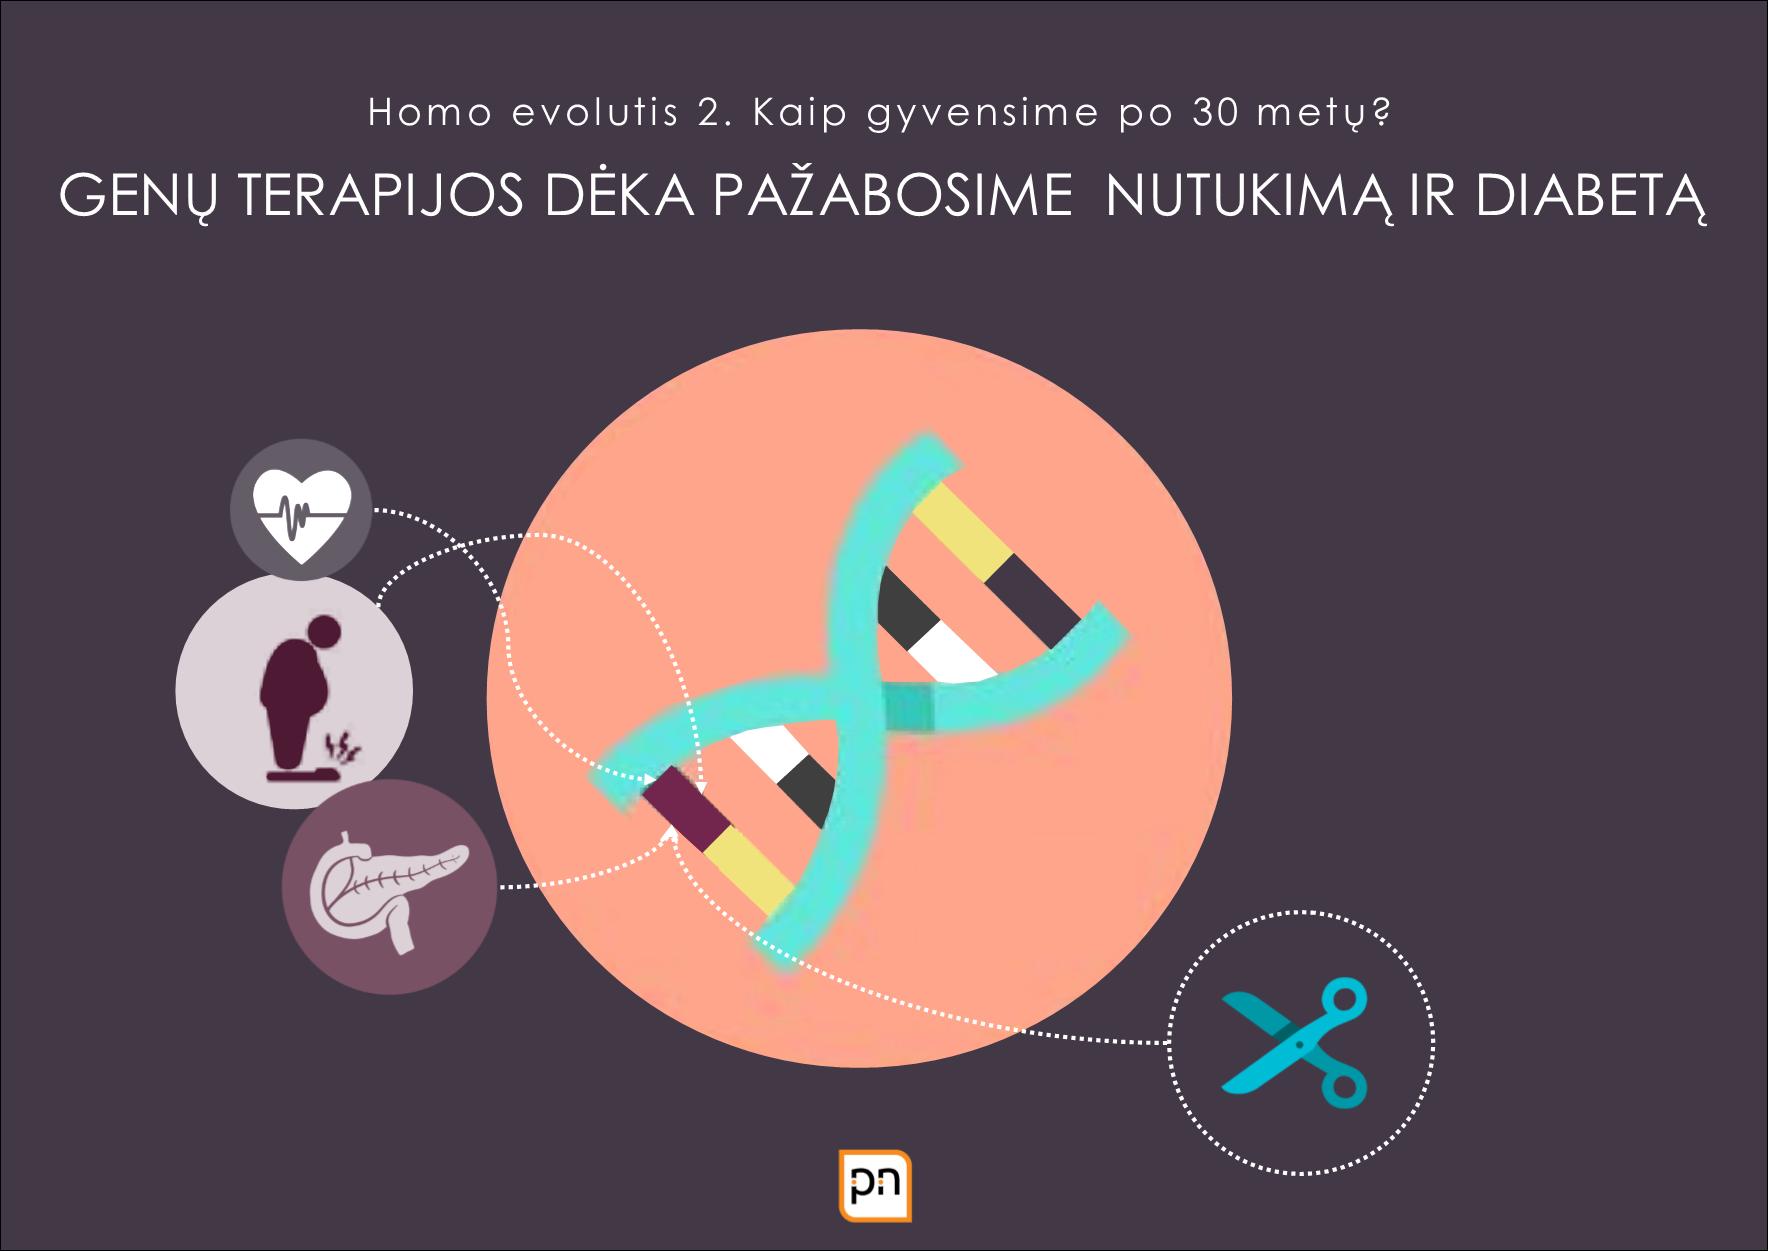 genu_terapijos_deka_pazabosime_nutukima_diabeta.png